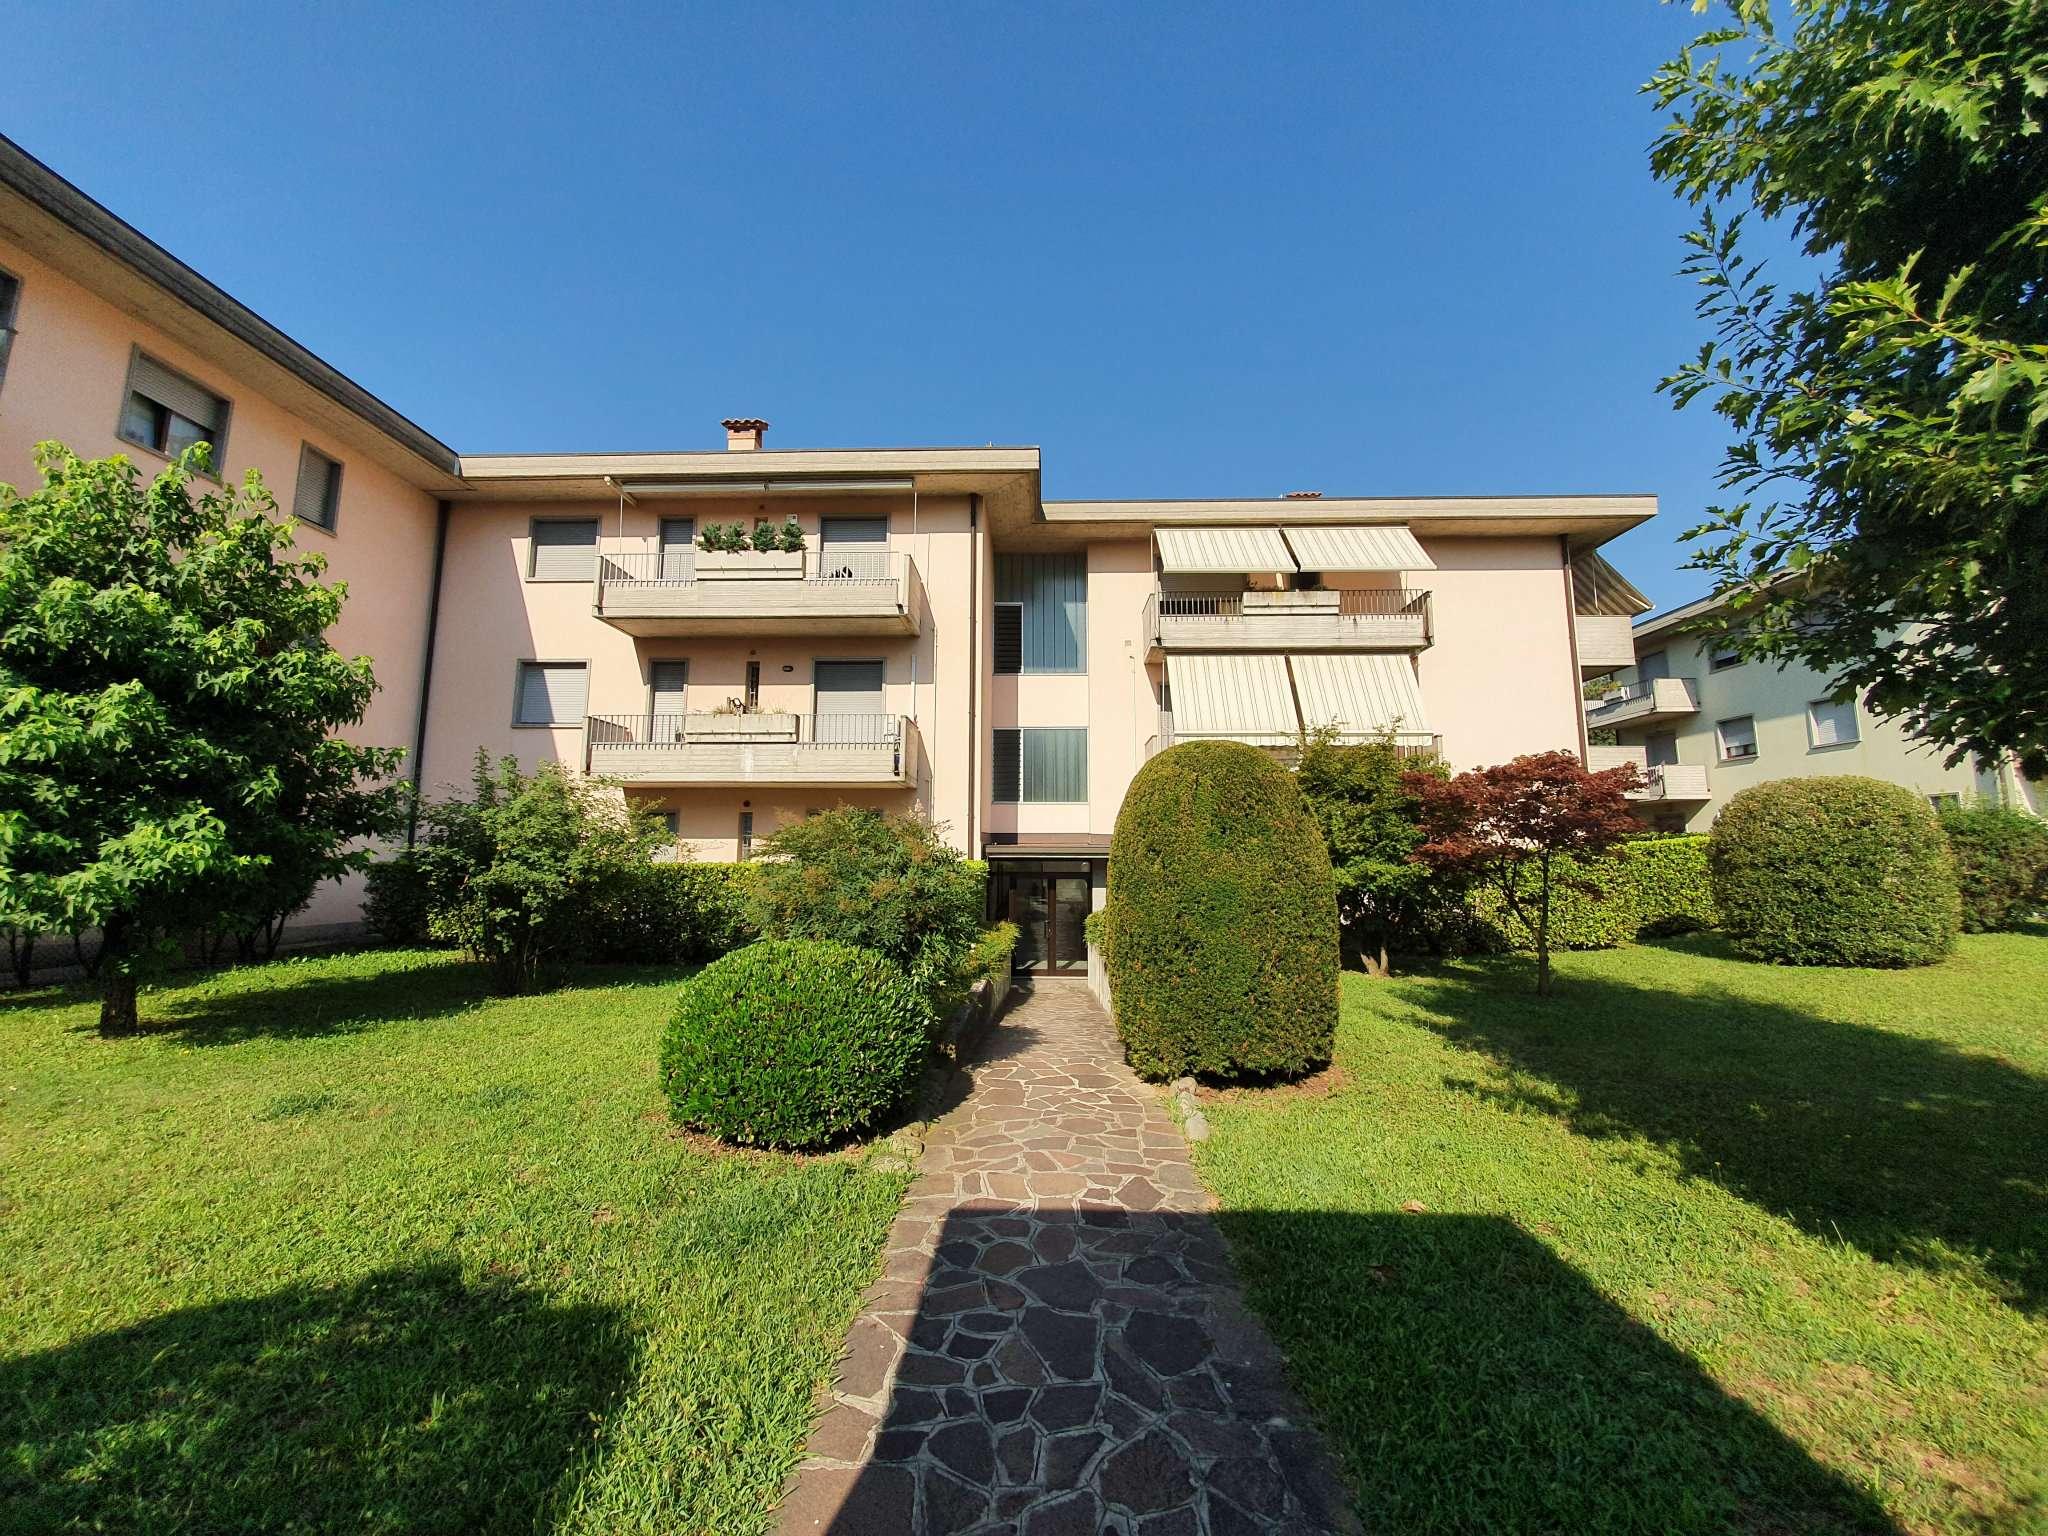 Ufficio / Studio in affitto a Mozzo, 3 locali, prezzo € 500 | PortaleAgenzieImmobiliari.it